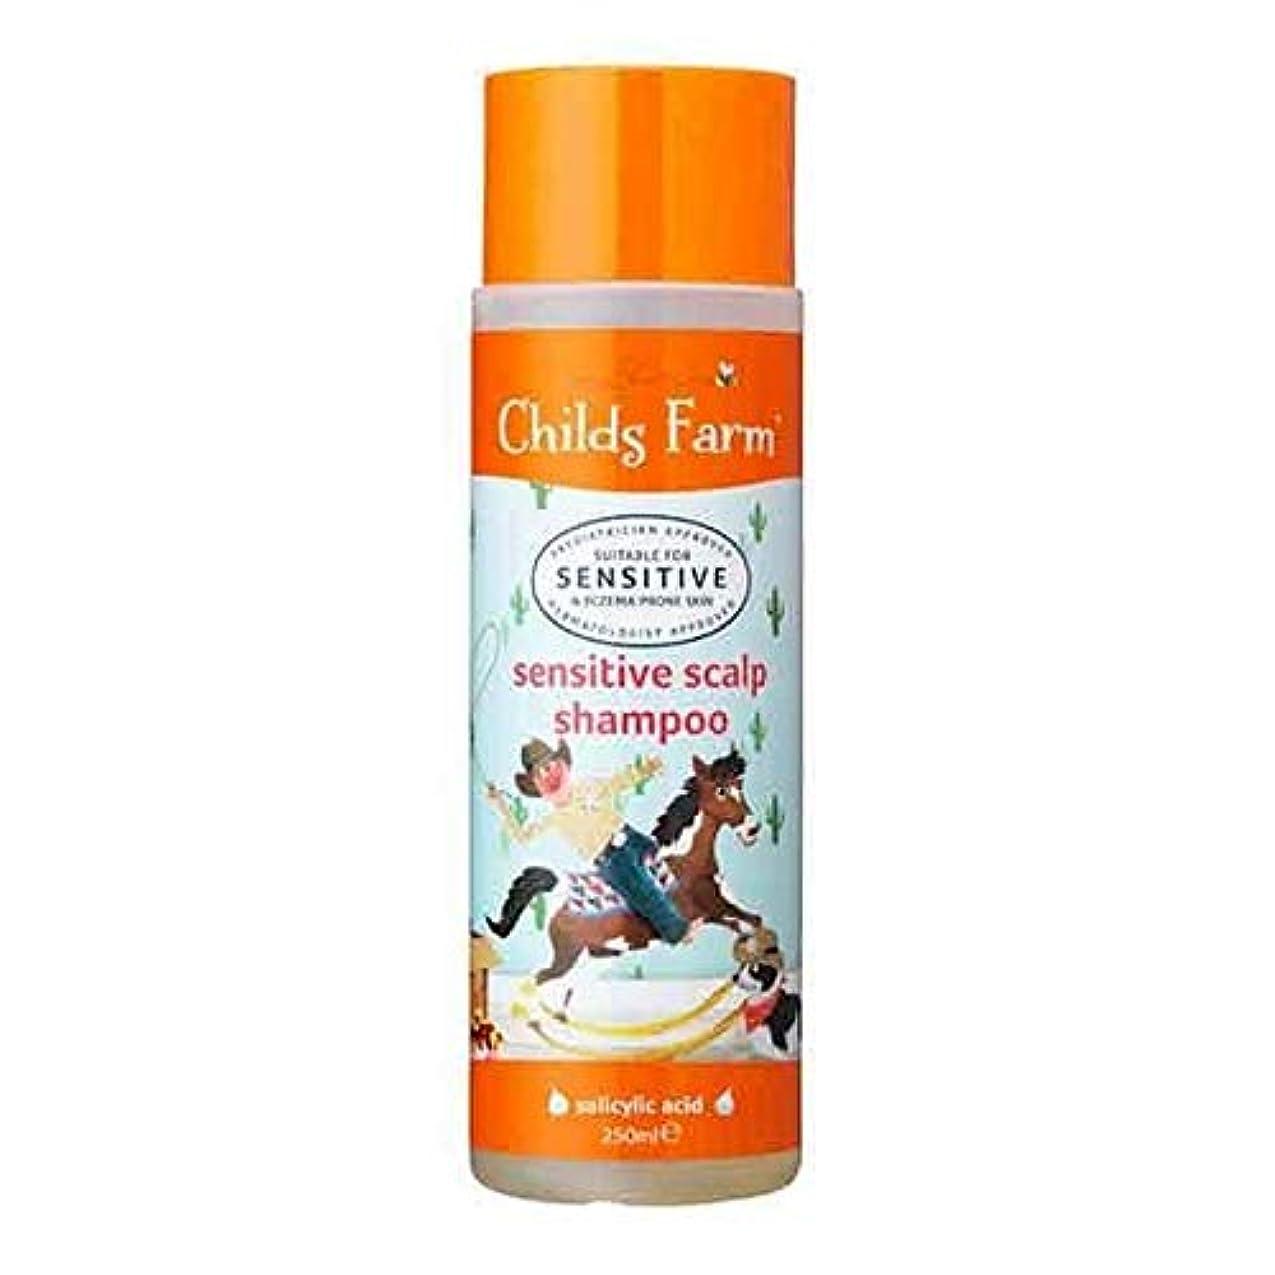 精神的に自治的キャプテン[Childs Farm ] チャイルズファーム敏感な頭皮シャンプー250Ml - Childs Farm Sensitive Scalp Shampoo 250ml [並行輸入品]